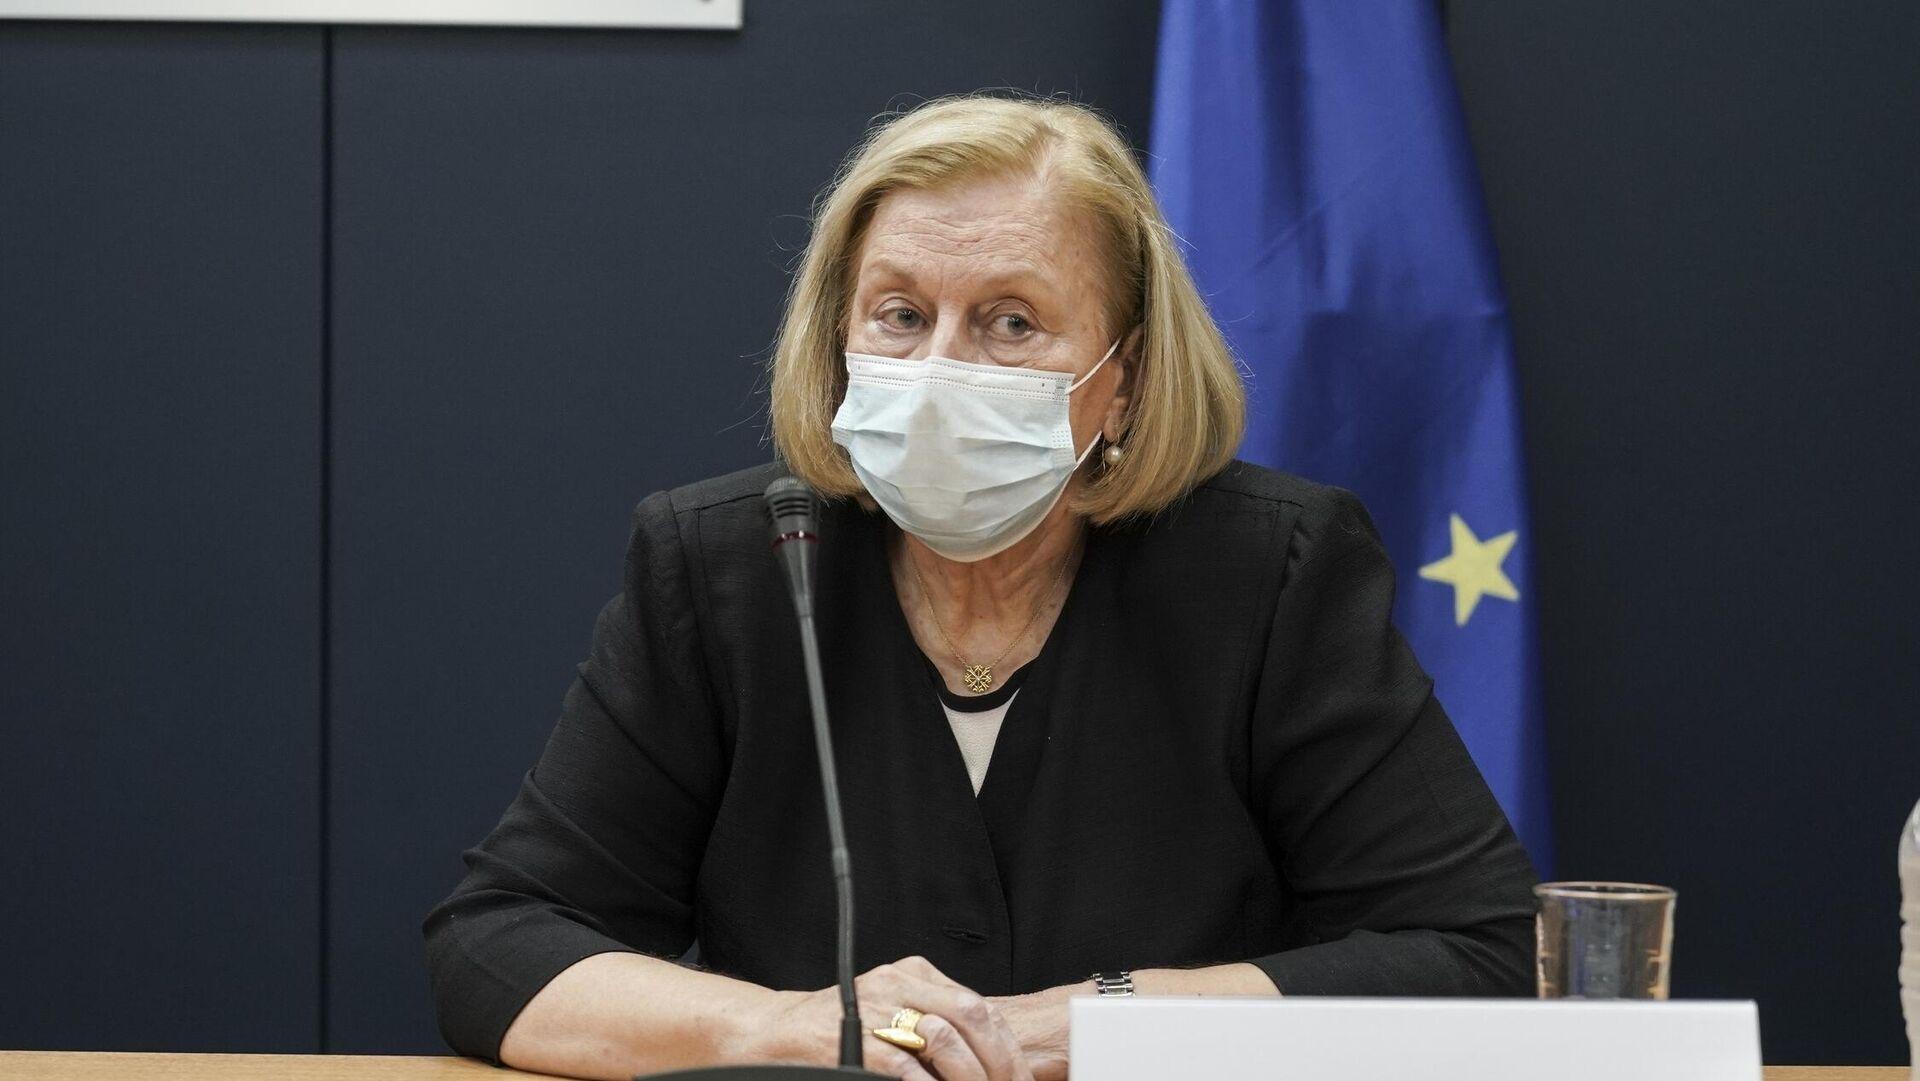 Η πρόεδρος της Εθνικής Επιτροπής Εμβολιασμού Μαρία Θεοδωρίδου - Sputnik Ελλάδα, 1920, 04.10.2021